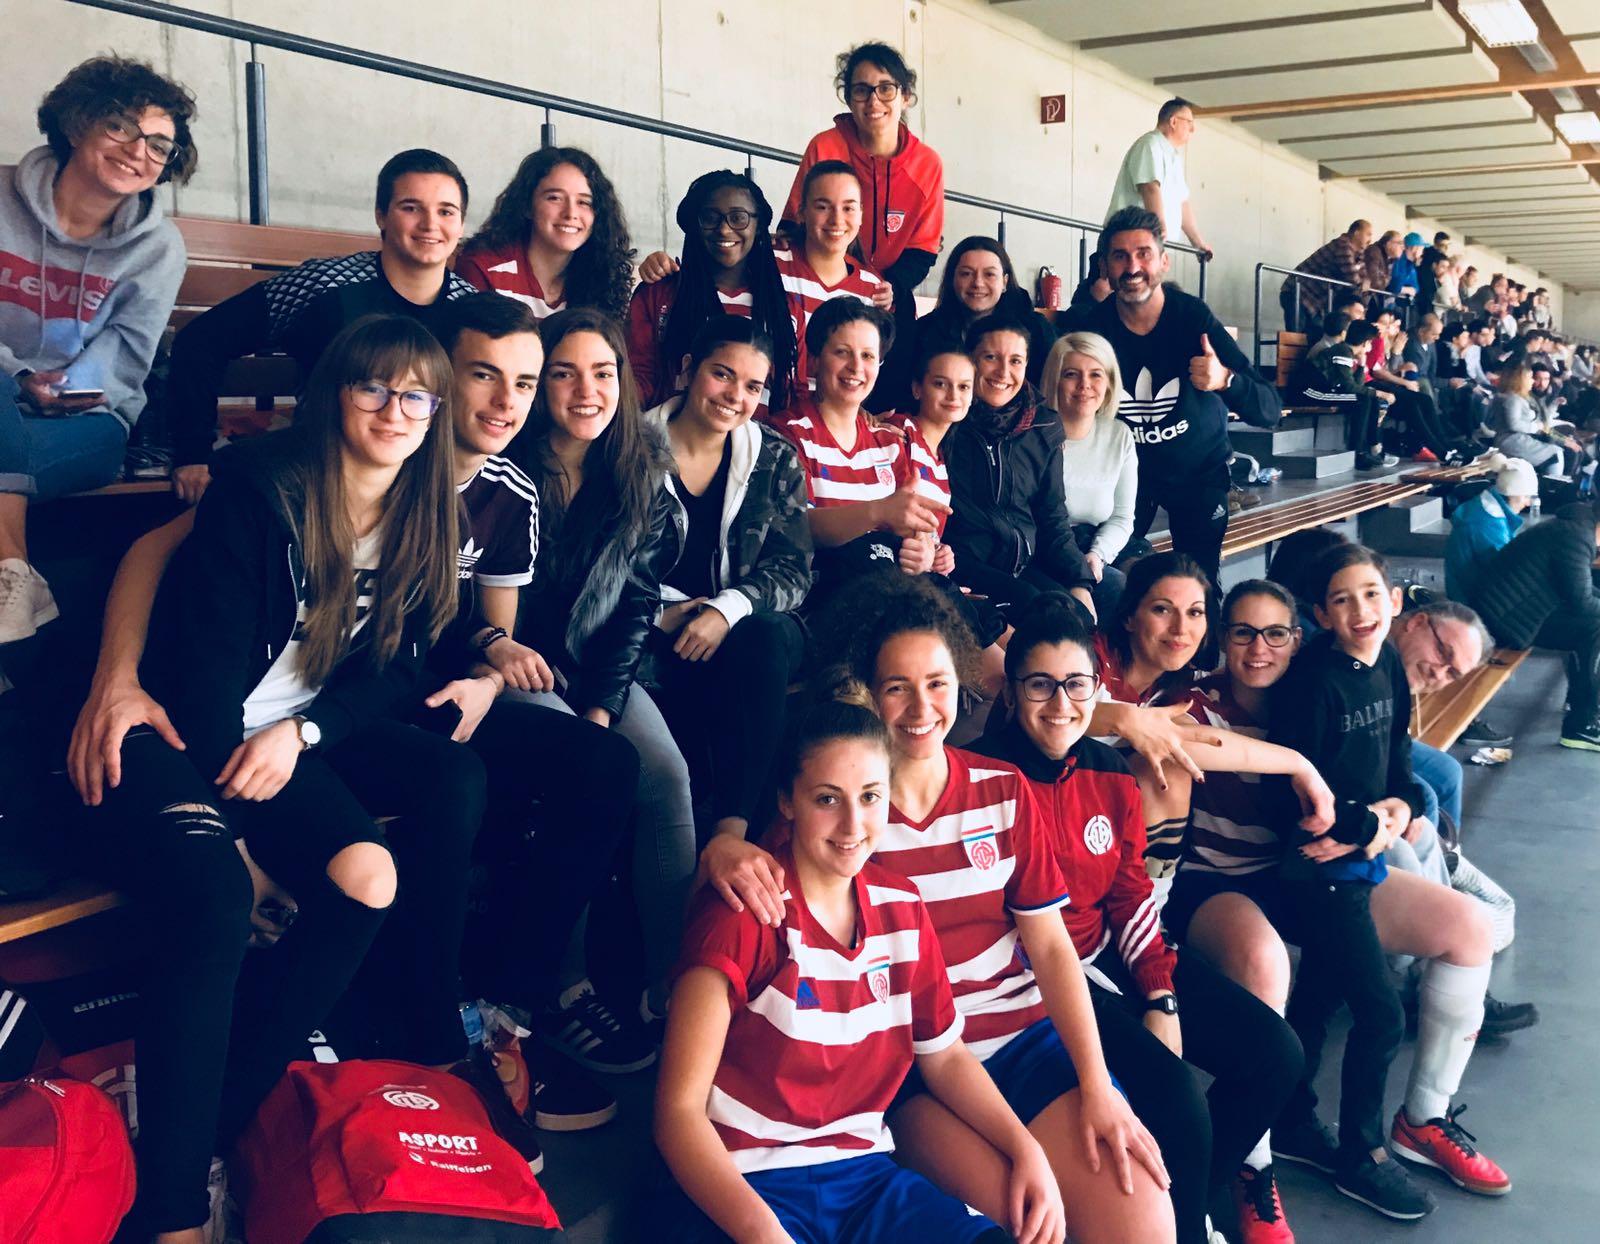 CS FOLA dames go 1/2 finale LALUX :-) Nous sommes fiers: Vianden mnt